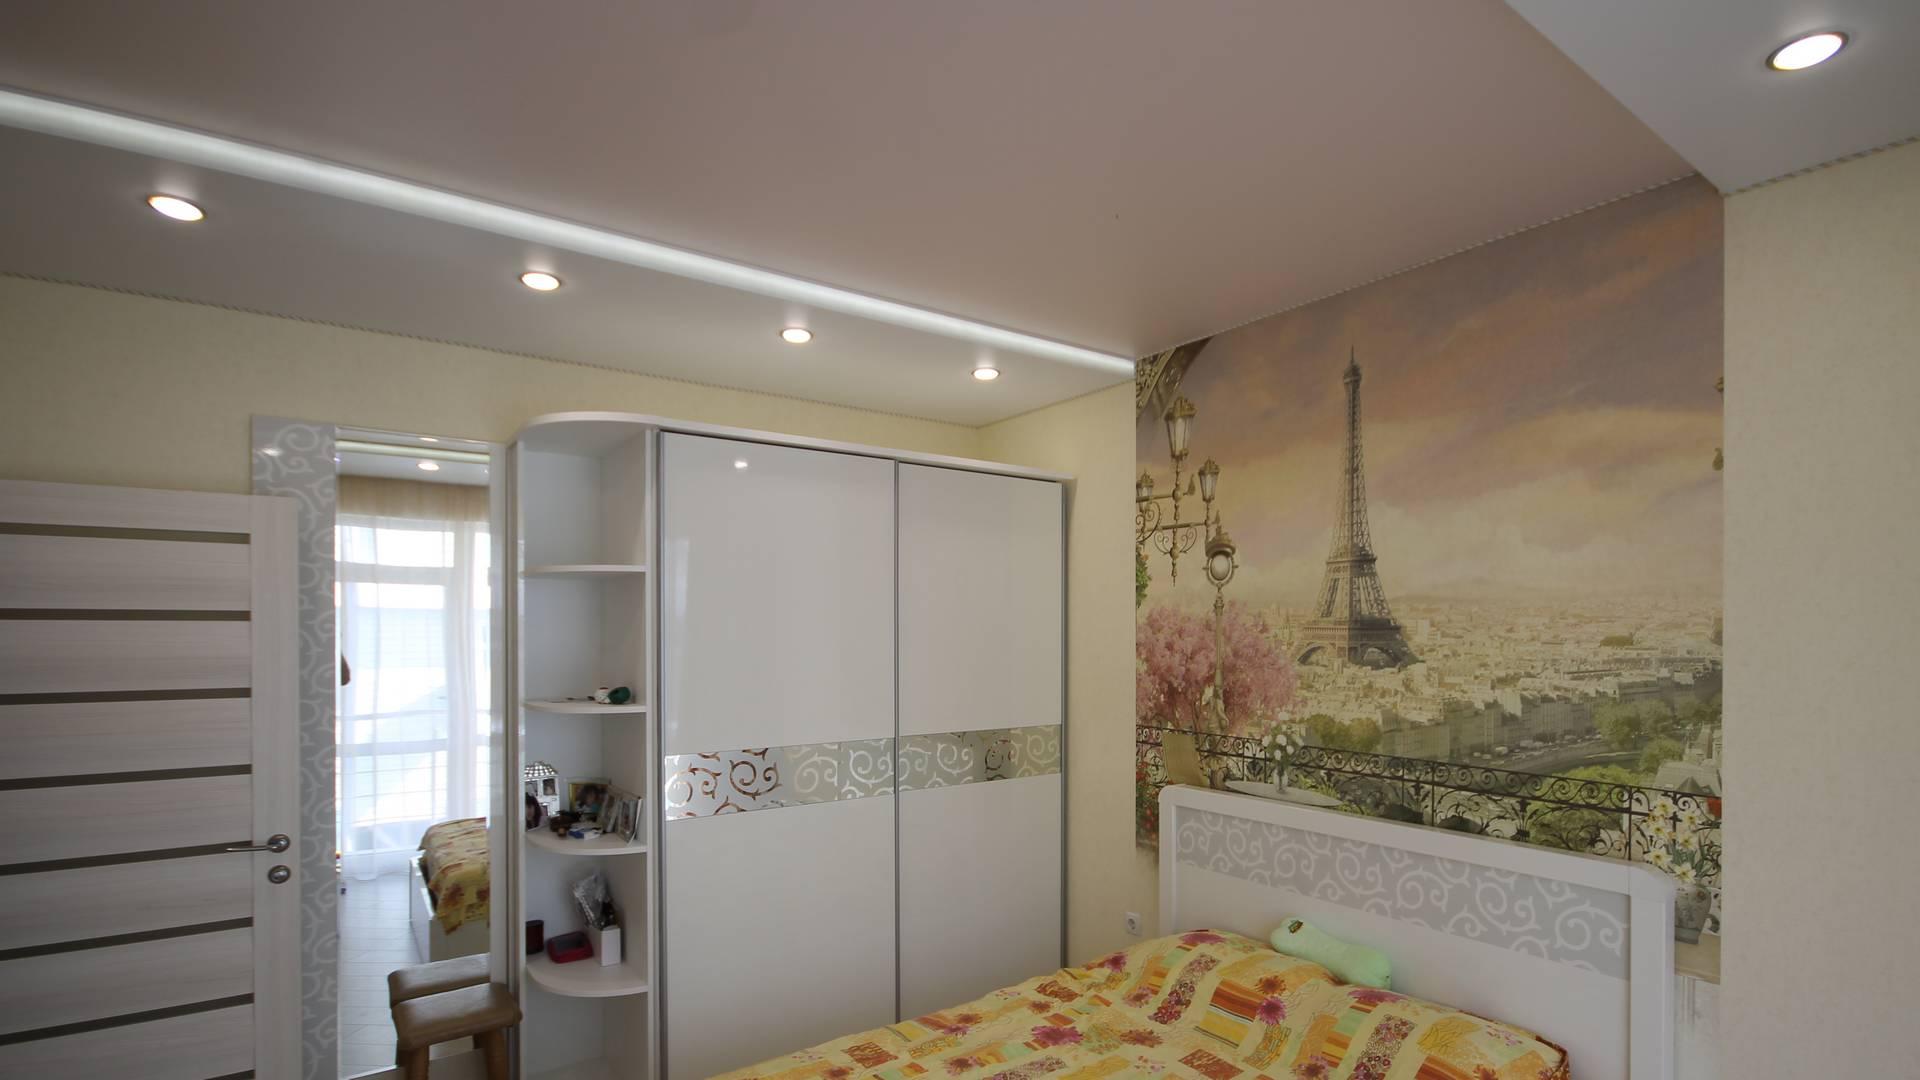 Матовые натяжные потолки, Натяжные потолки с подсветкой, Двухуровневые натяжные потолки